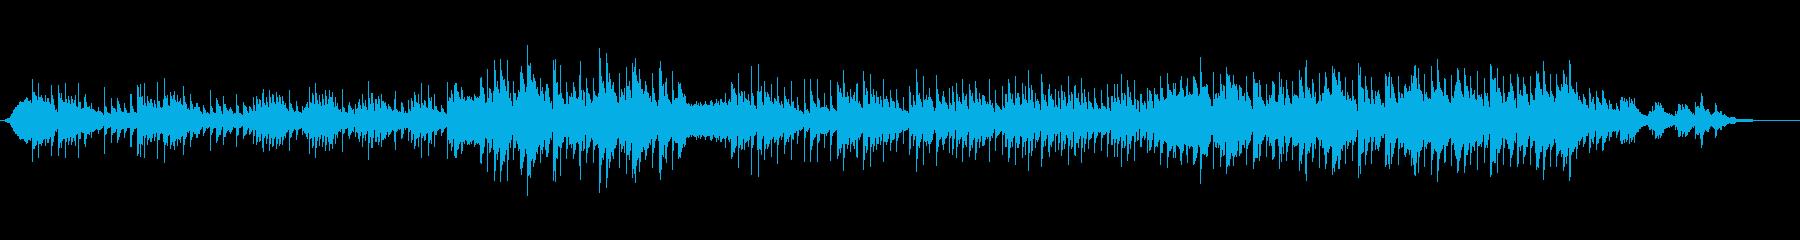 切々と歌い上げるバラードの再生済みの波形